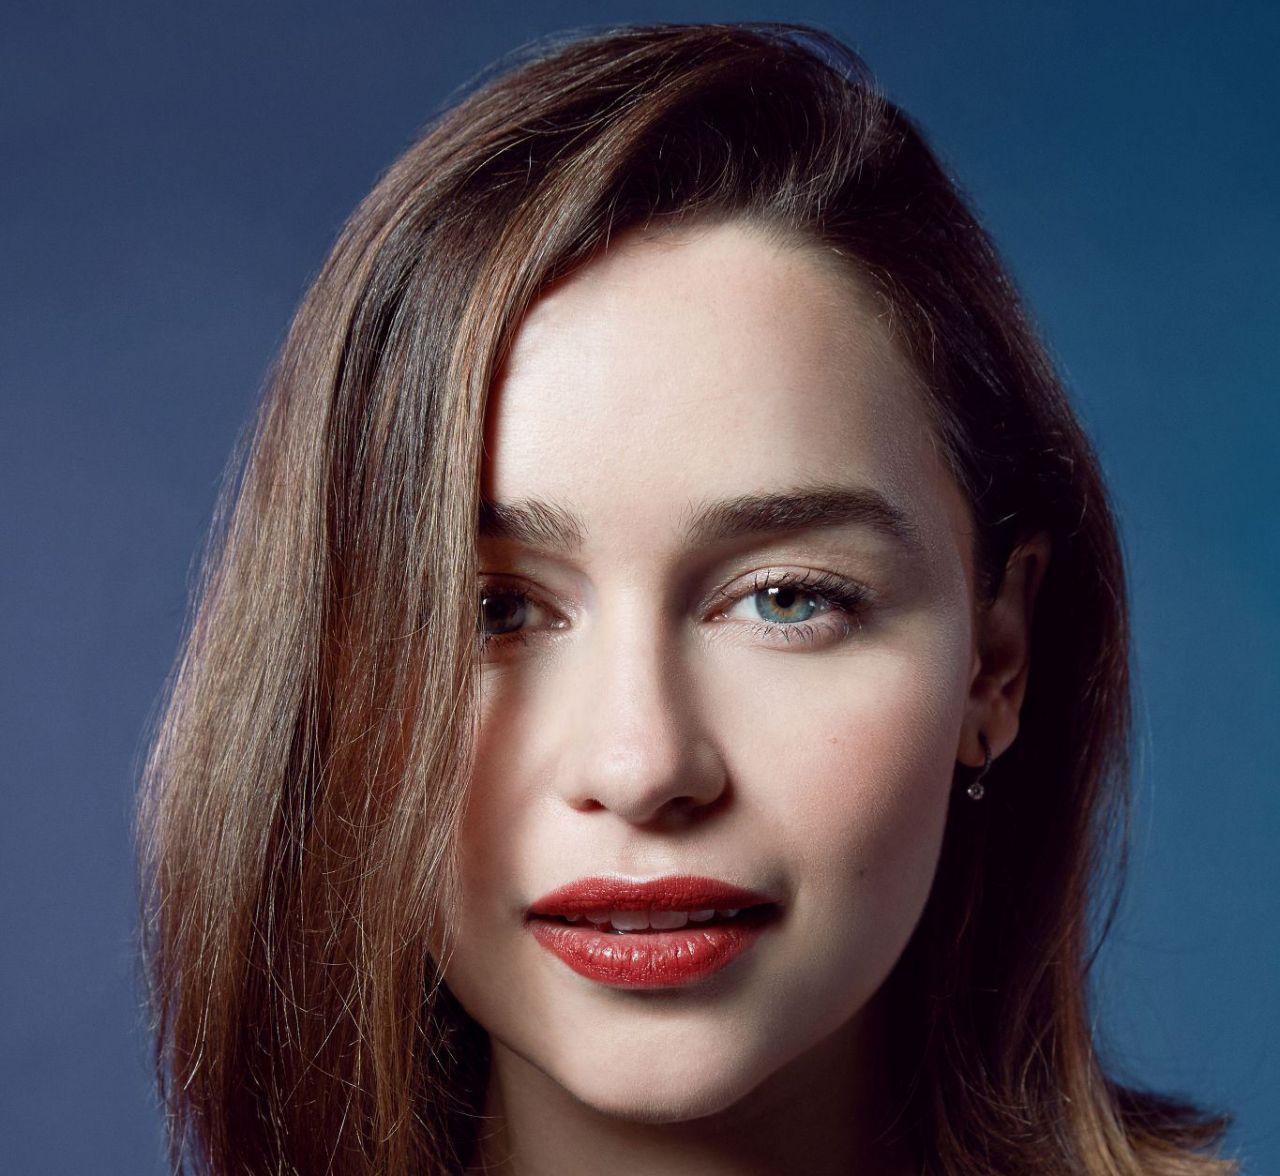 Emilia Clarke - Photoshoot The Wrap Magazine November 2015 ...